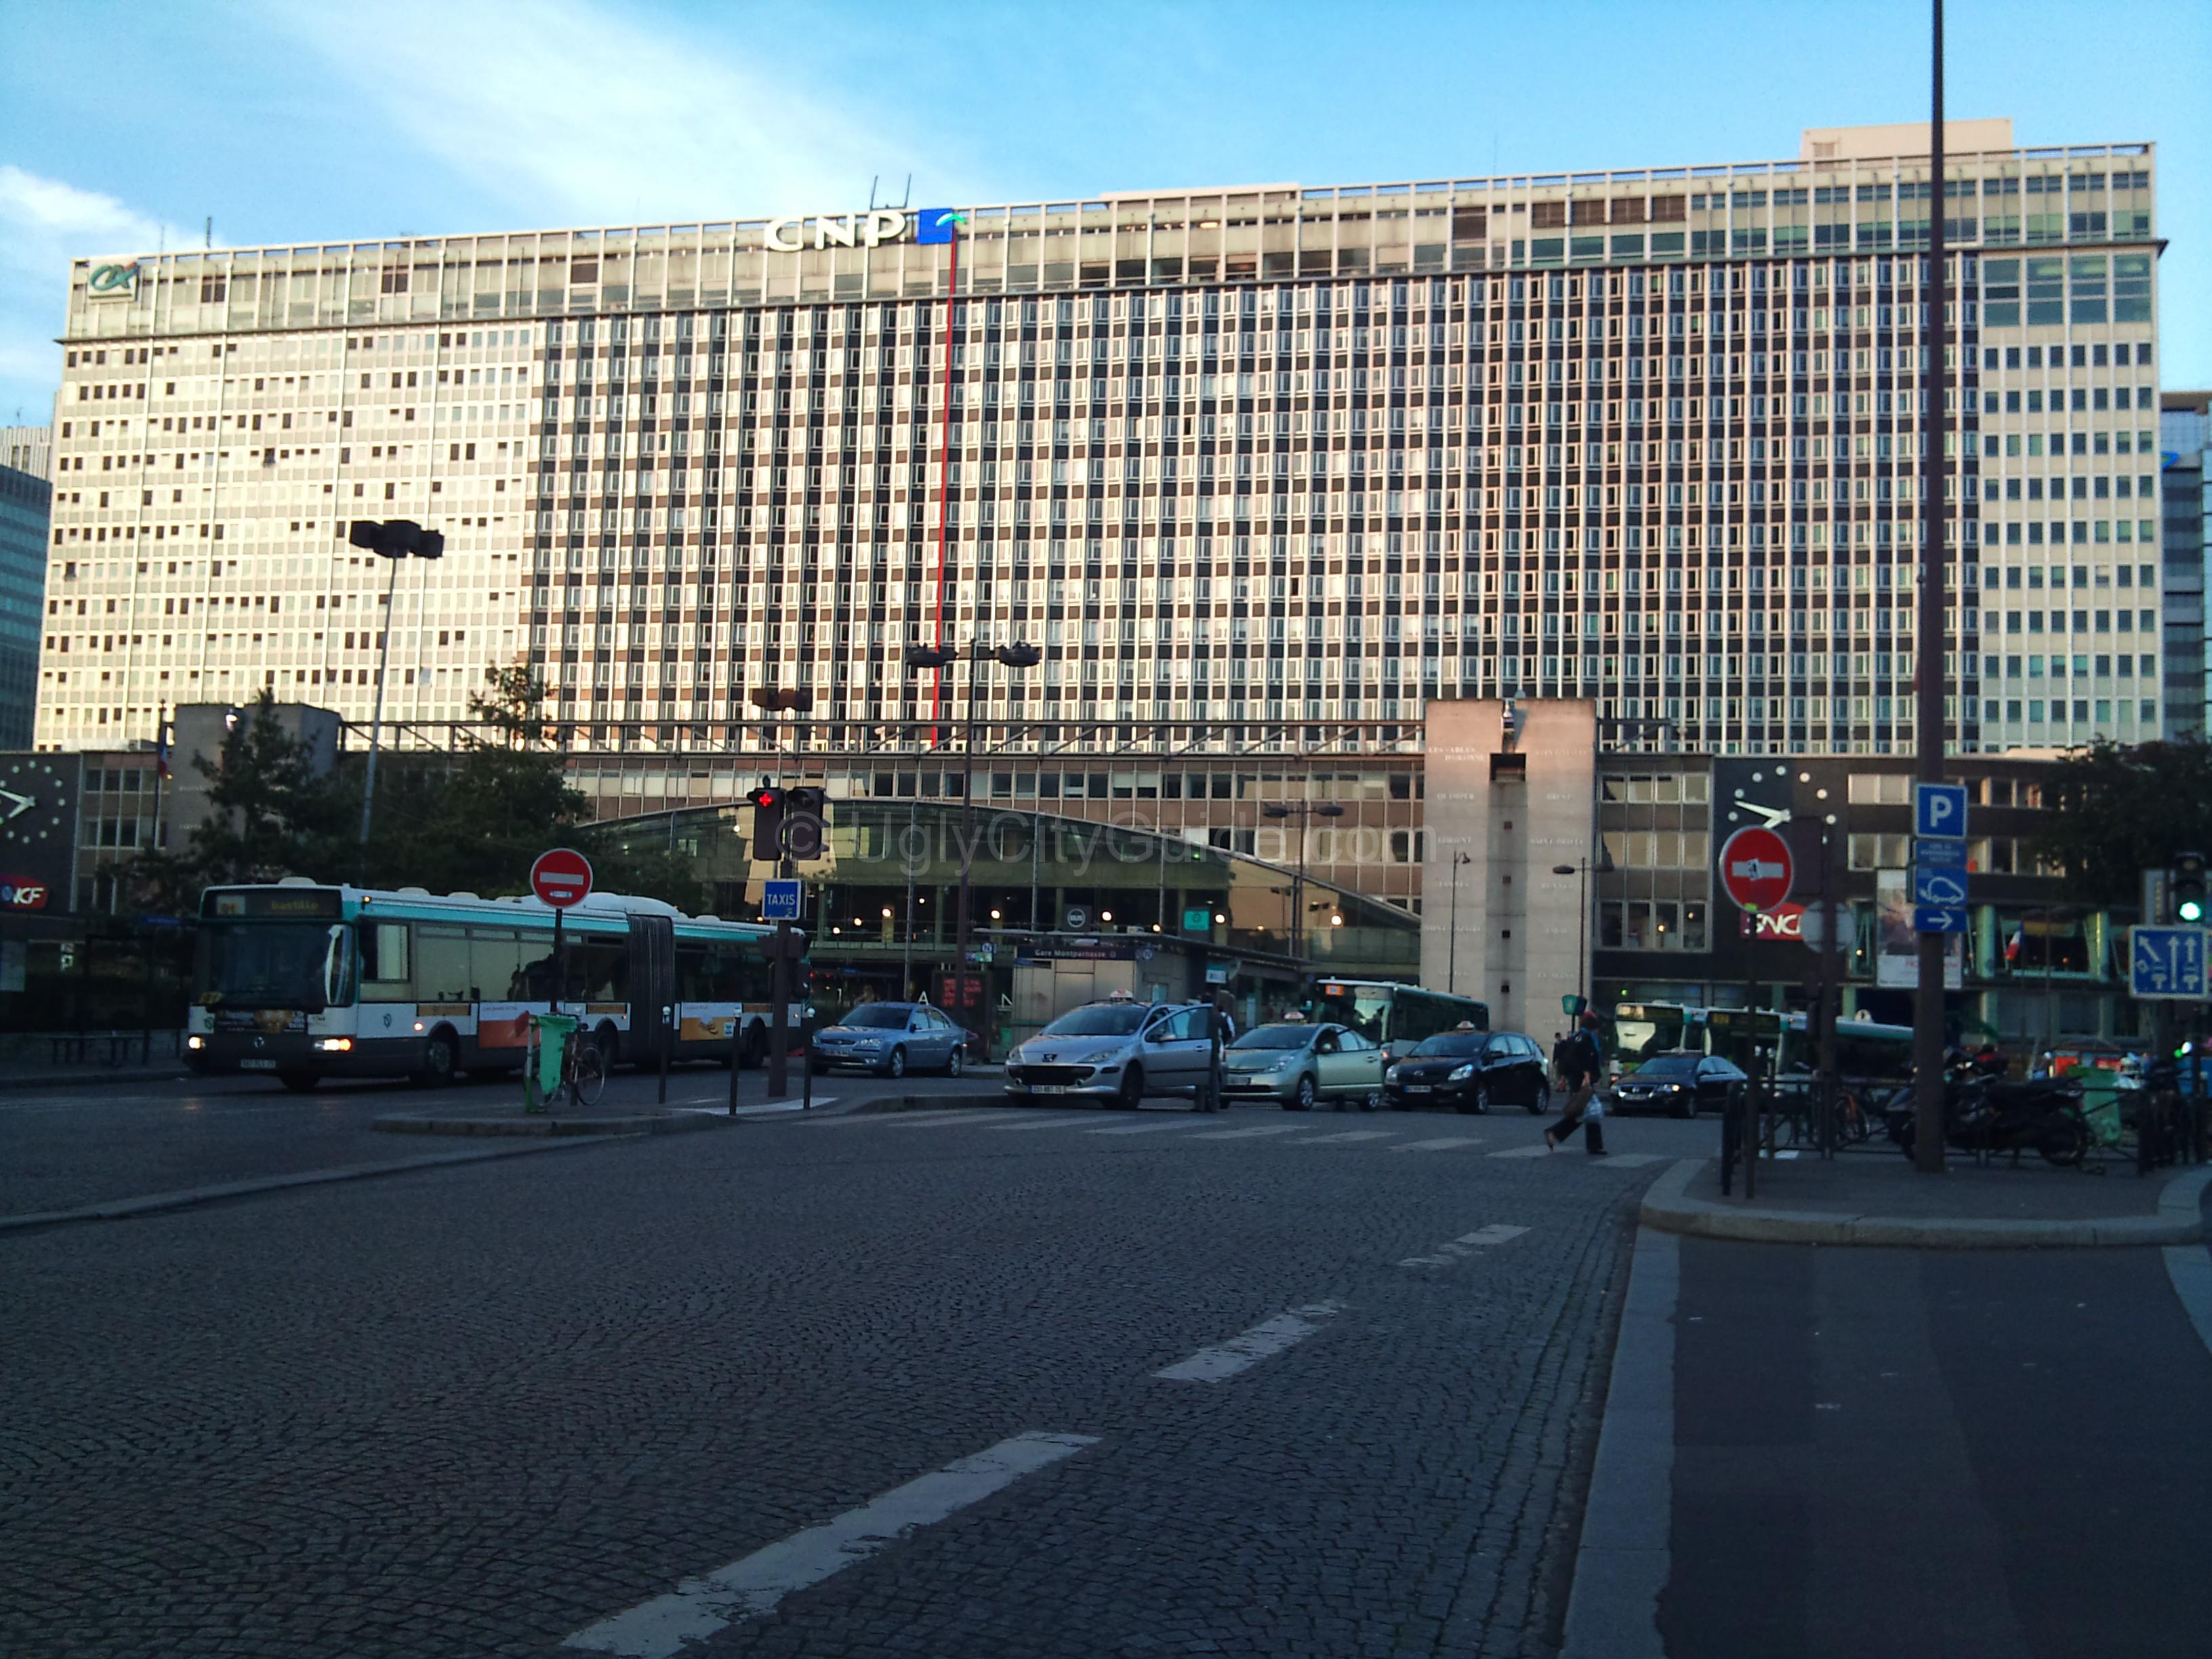 Gare de Montparnasse